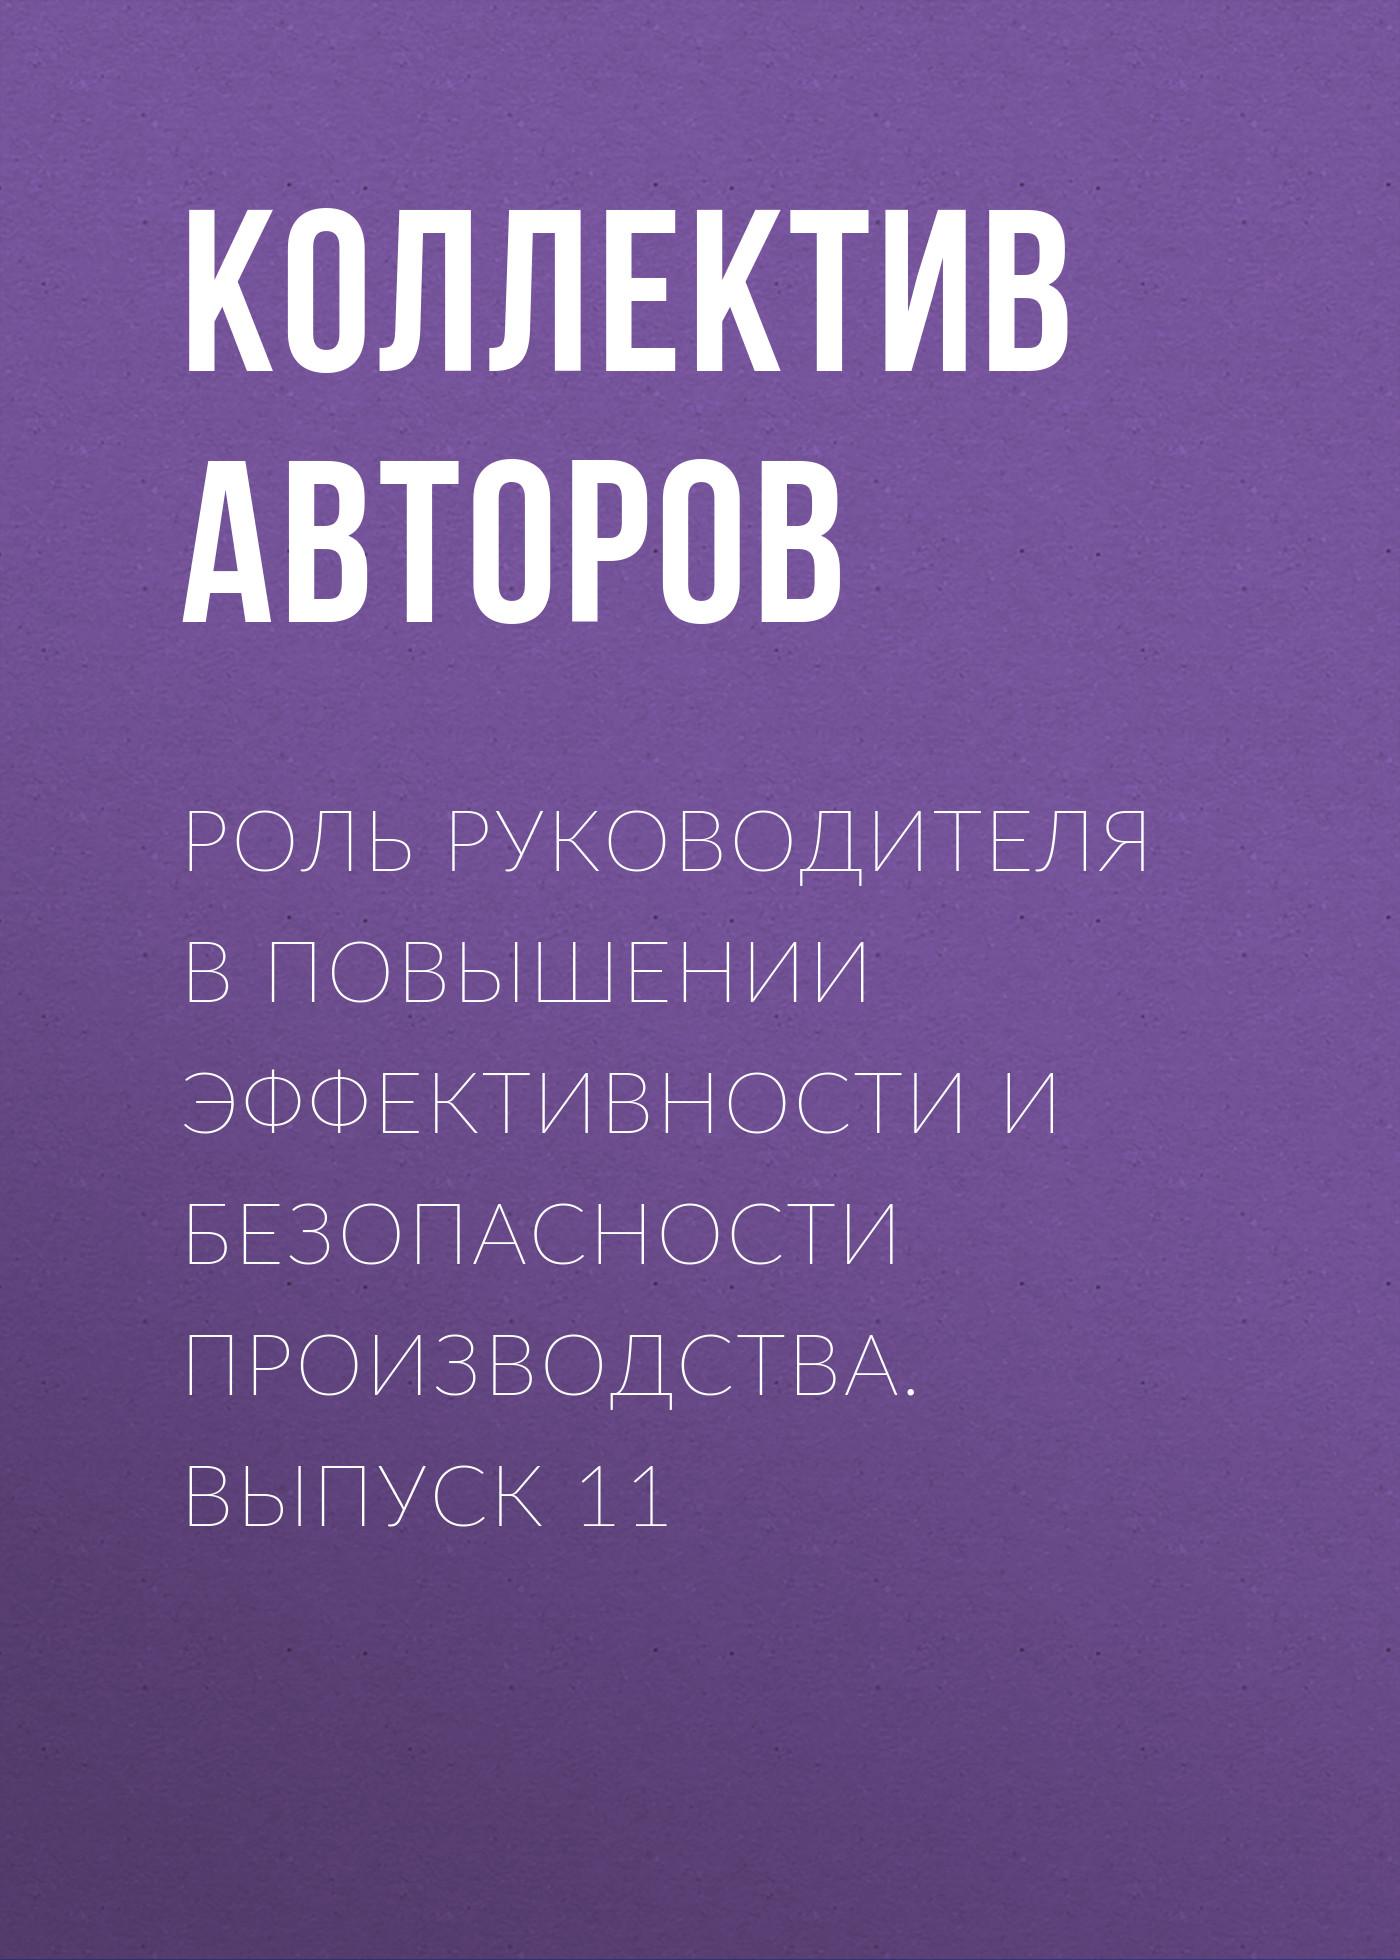 Коллектив авторов Роль руководителя в повышении эффективности и безопасности производства. Выпуск 11